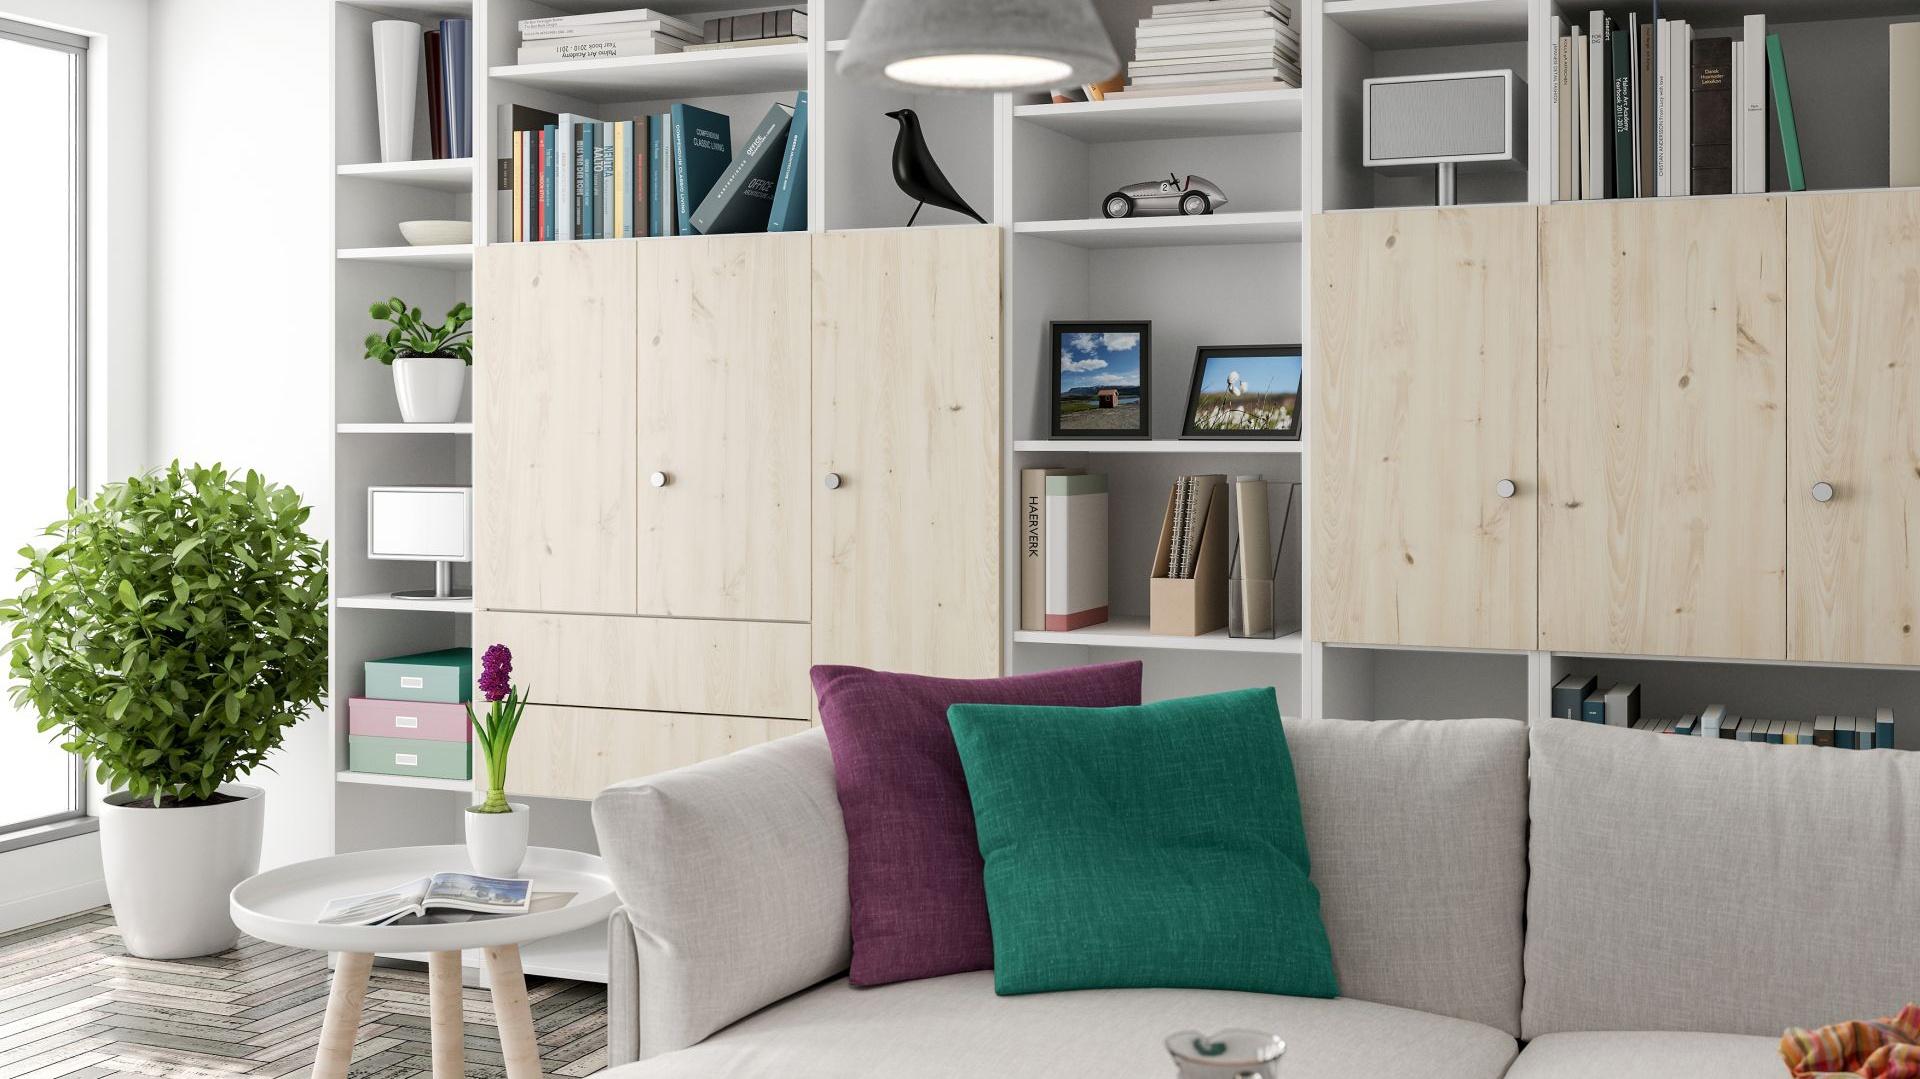 Meblościanka w tym salonie ma fronty, które zdobi piękny dekor Pordoi, przedstawiający sosnę w chłodnym wybarwieniu. Fot. Interprint